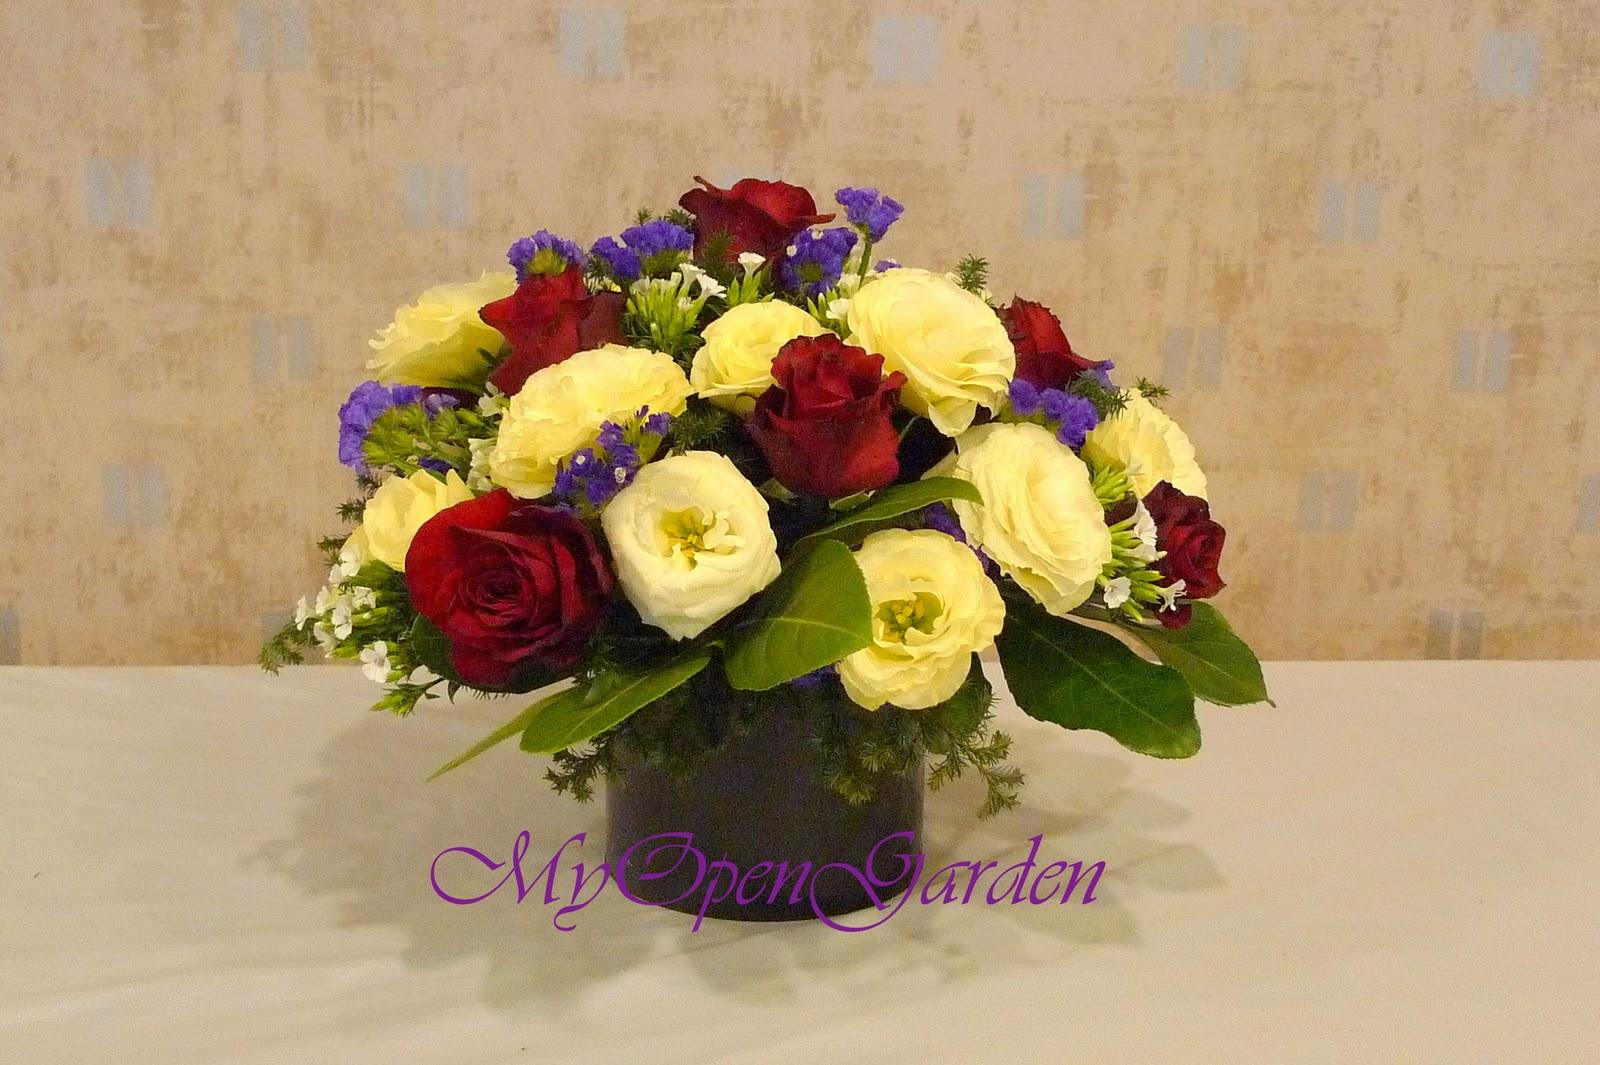 Open Garden: 歐式花藝教學 — 混合式手法俾德麥亞(Biedmere)型